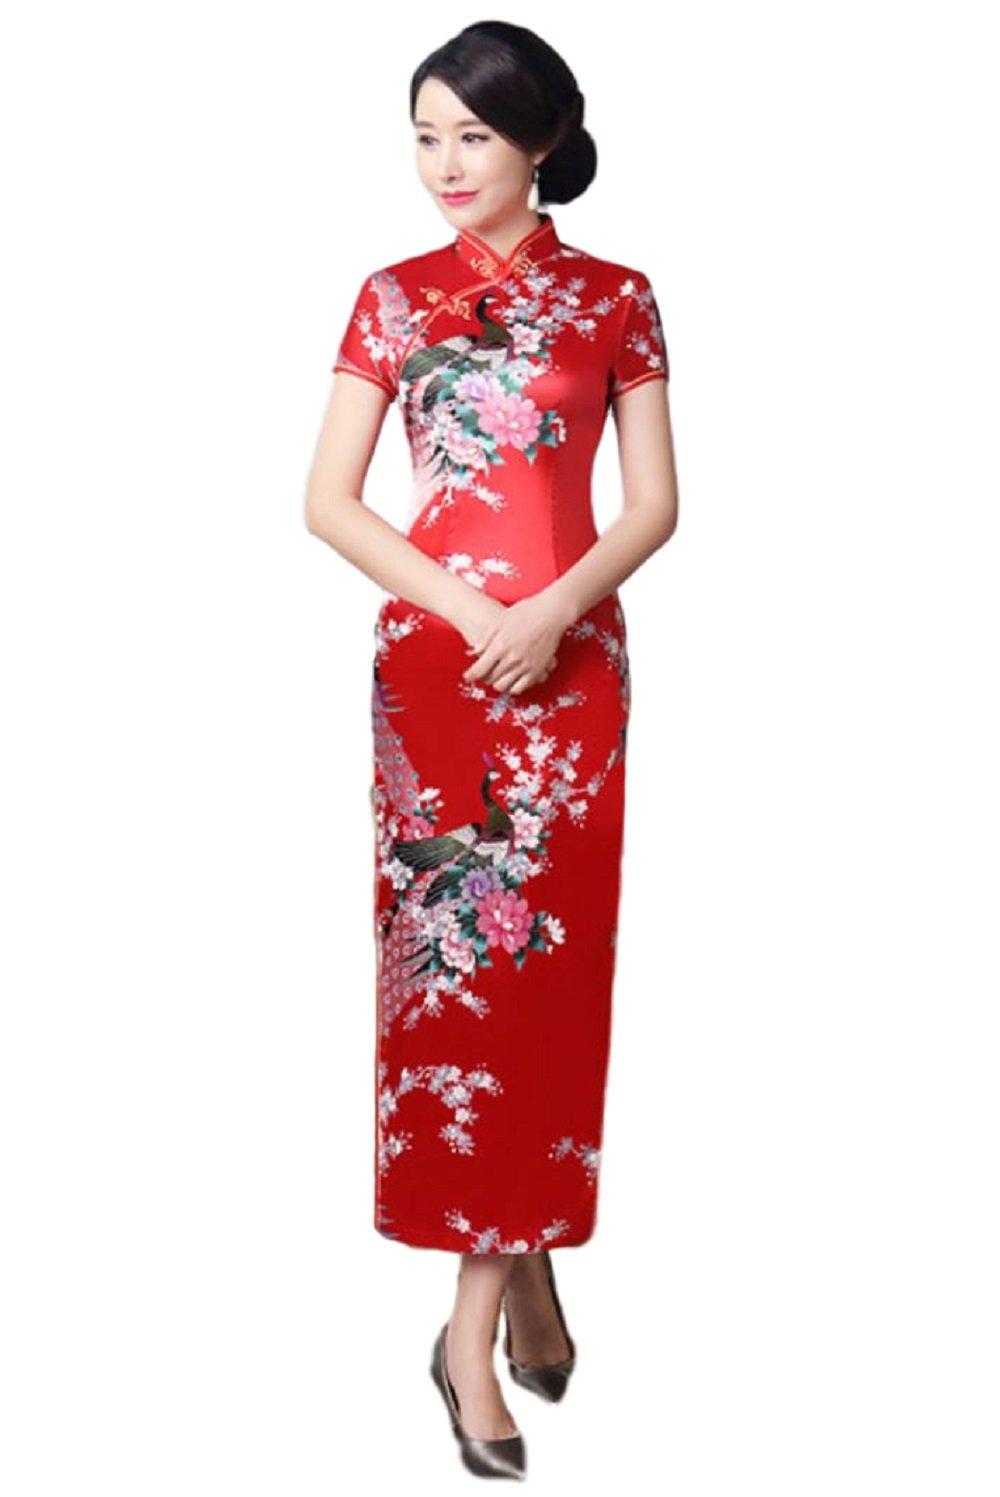 Hide Away Women's Longi Chinese Dress Cheongsam [White/Purple/Black/Red] Mandarin Gown Qipao China Dress (Small, Red)